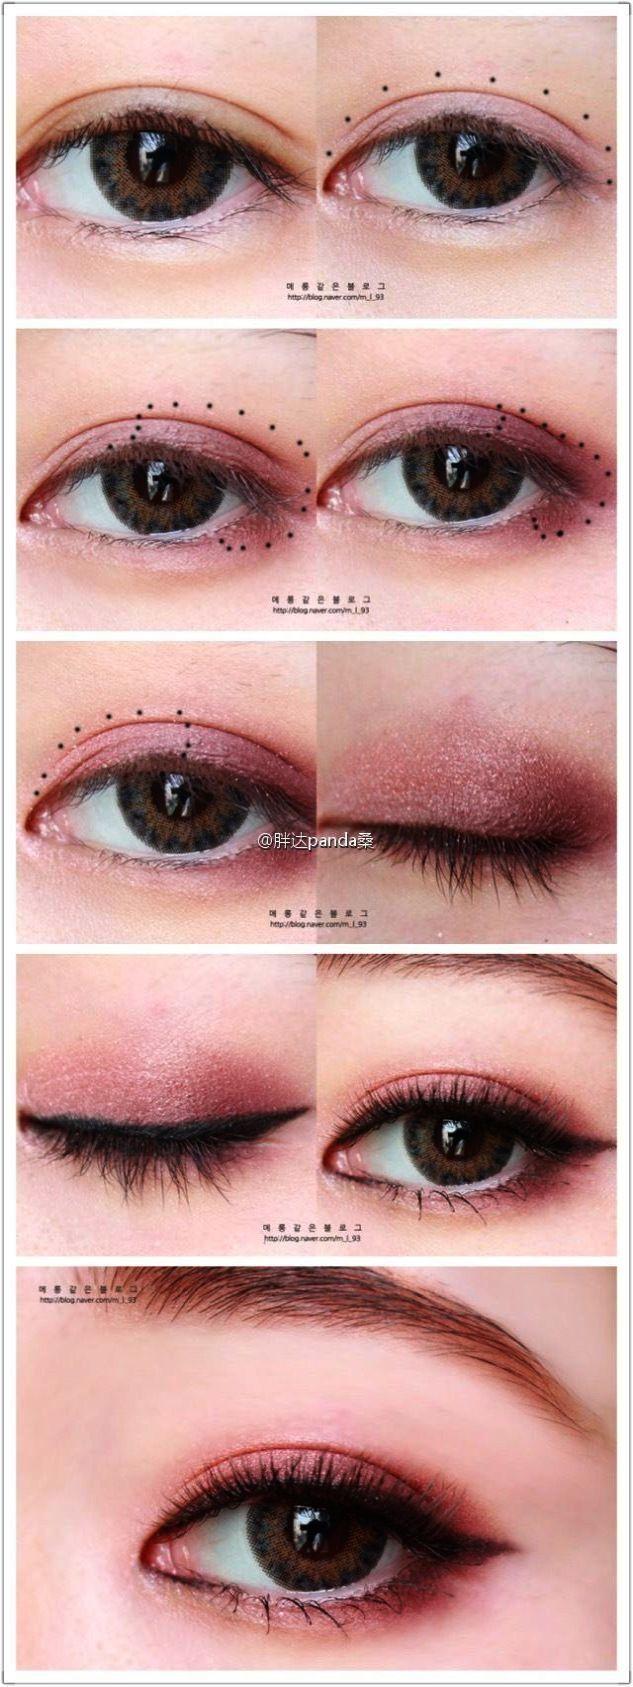 Smokey Eye Look Images Eye Makeup For Over 60 Eye Makeup